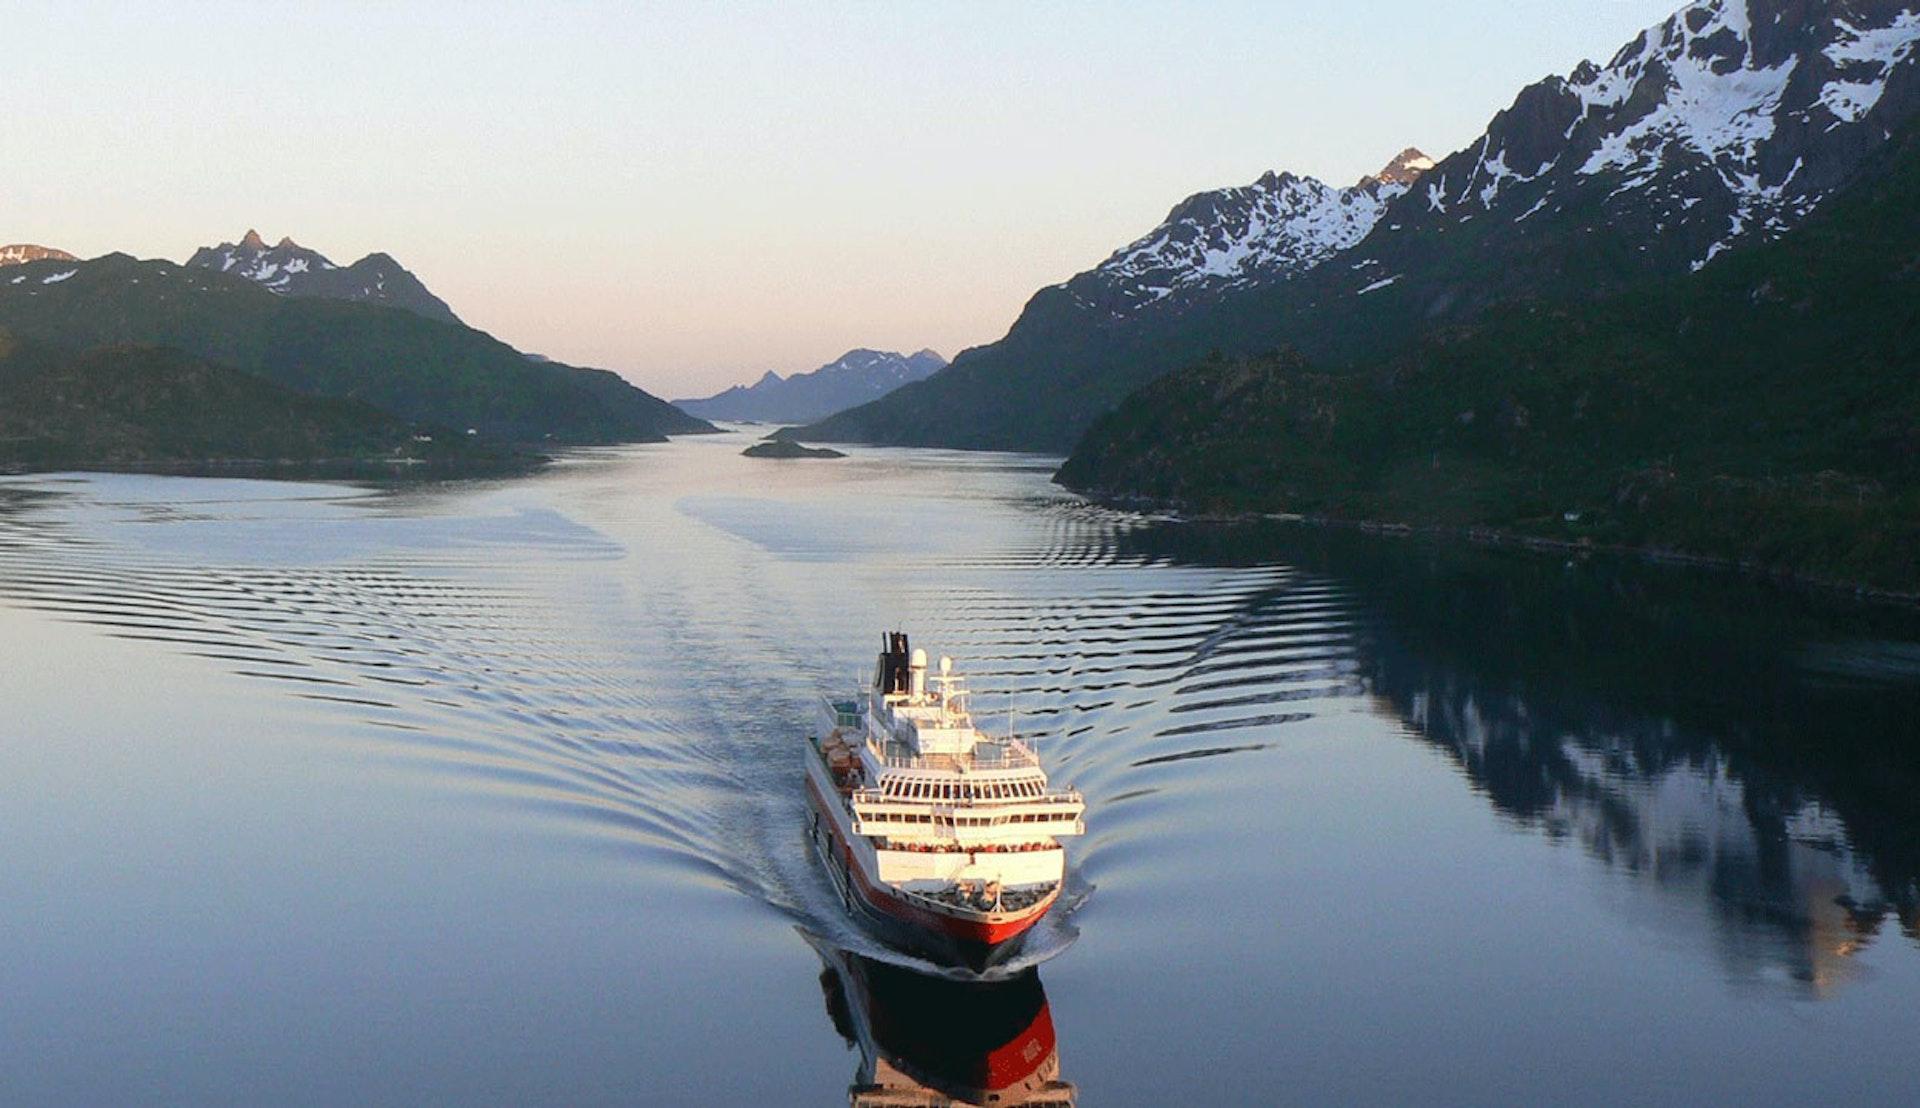 Hurtigrutens MS Nordlys. Foto: Sabrina Liebe/Hurtigruten